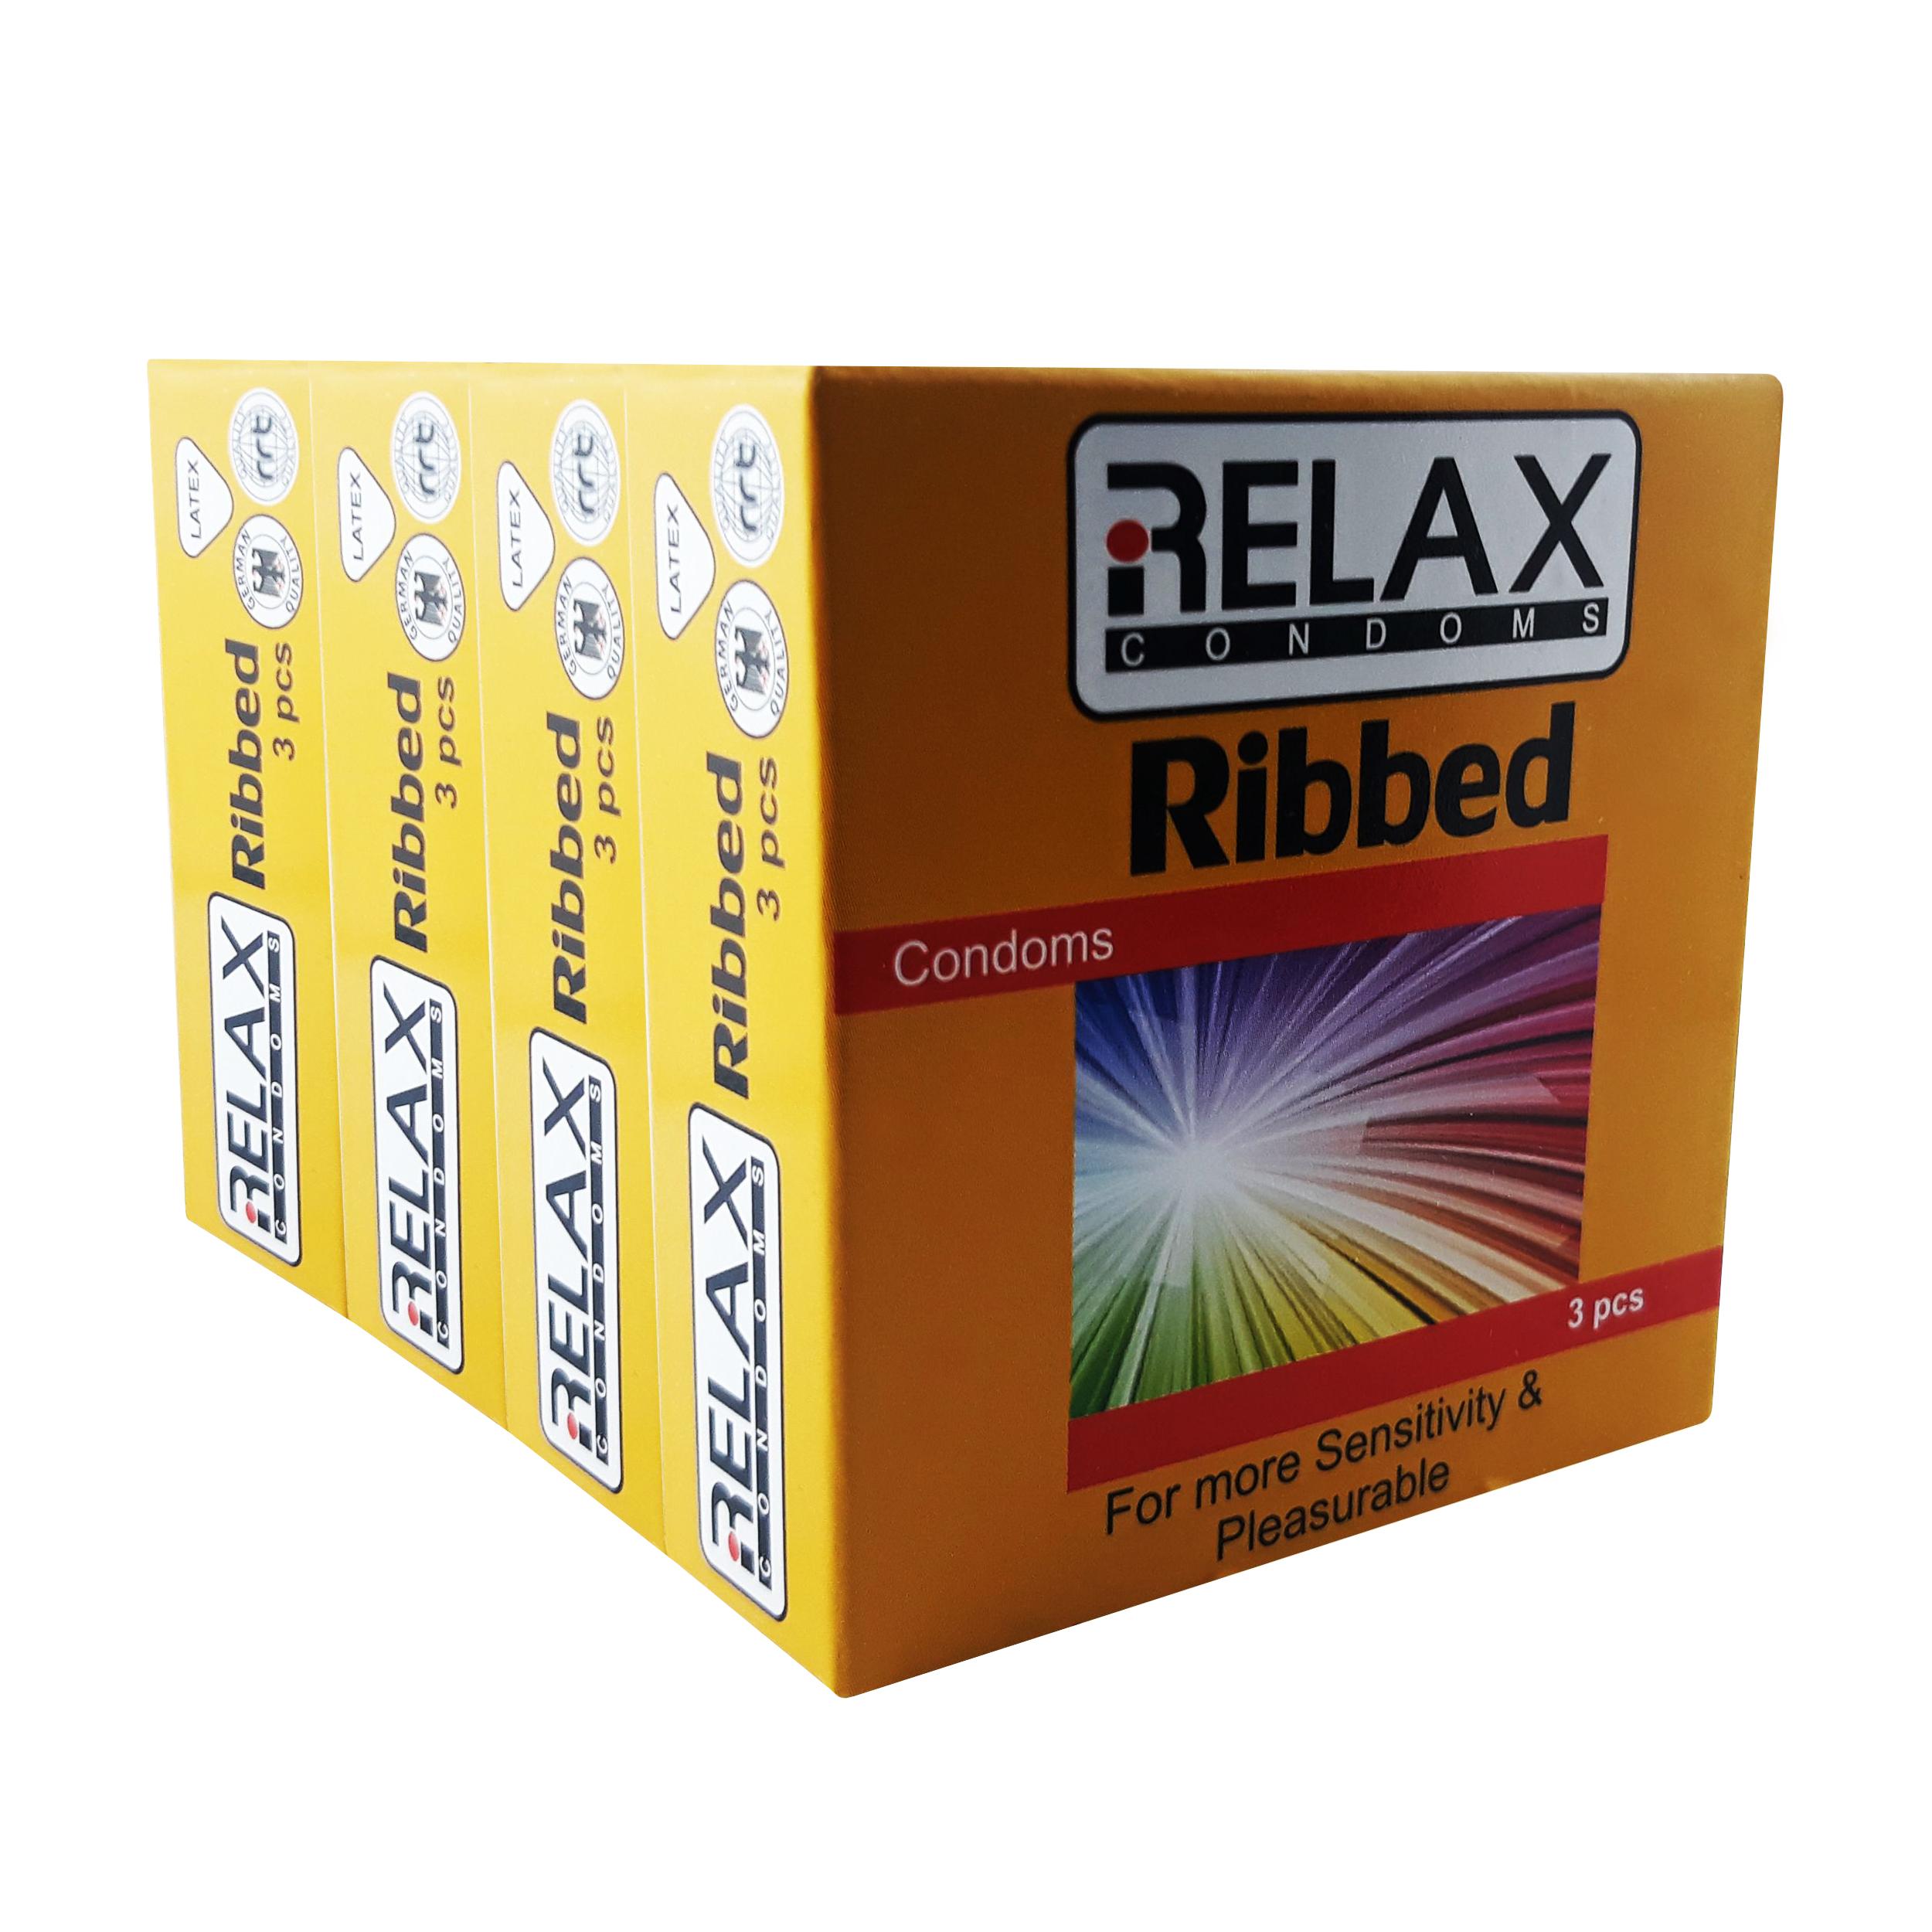 کاندوم ریلکس مدل RIBBED کد R36 مجموعه 4 عددی